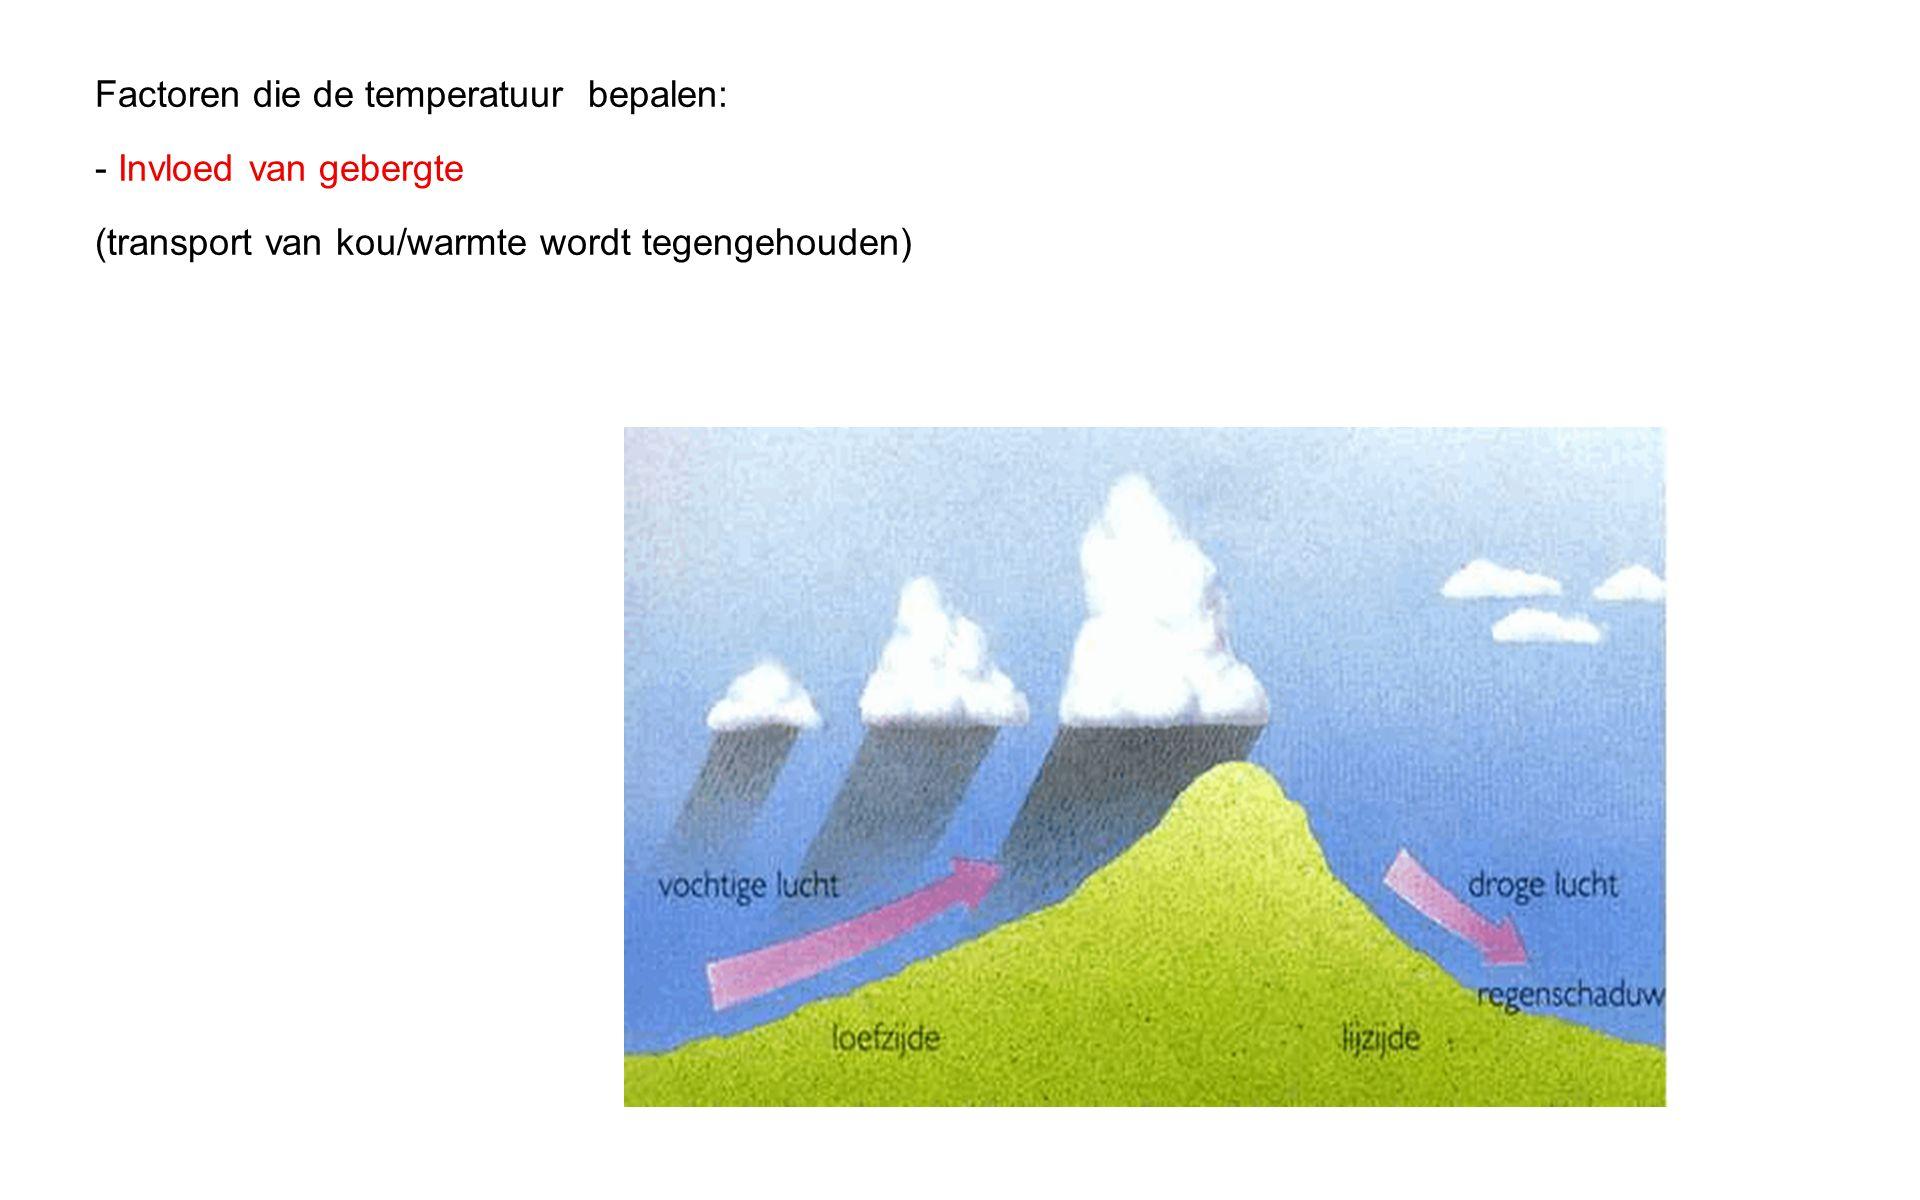 Factoren die de temperatuur bepalen: